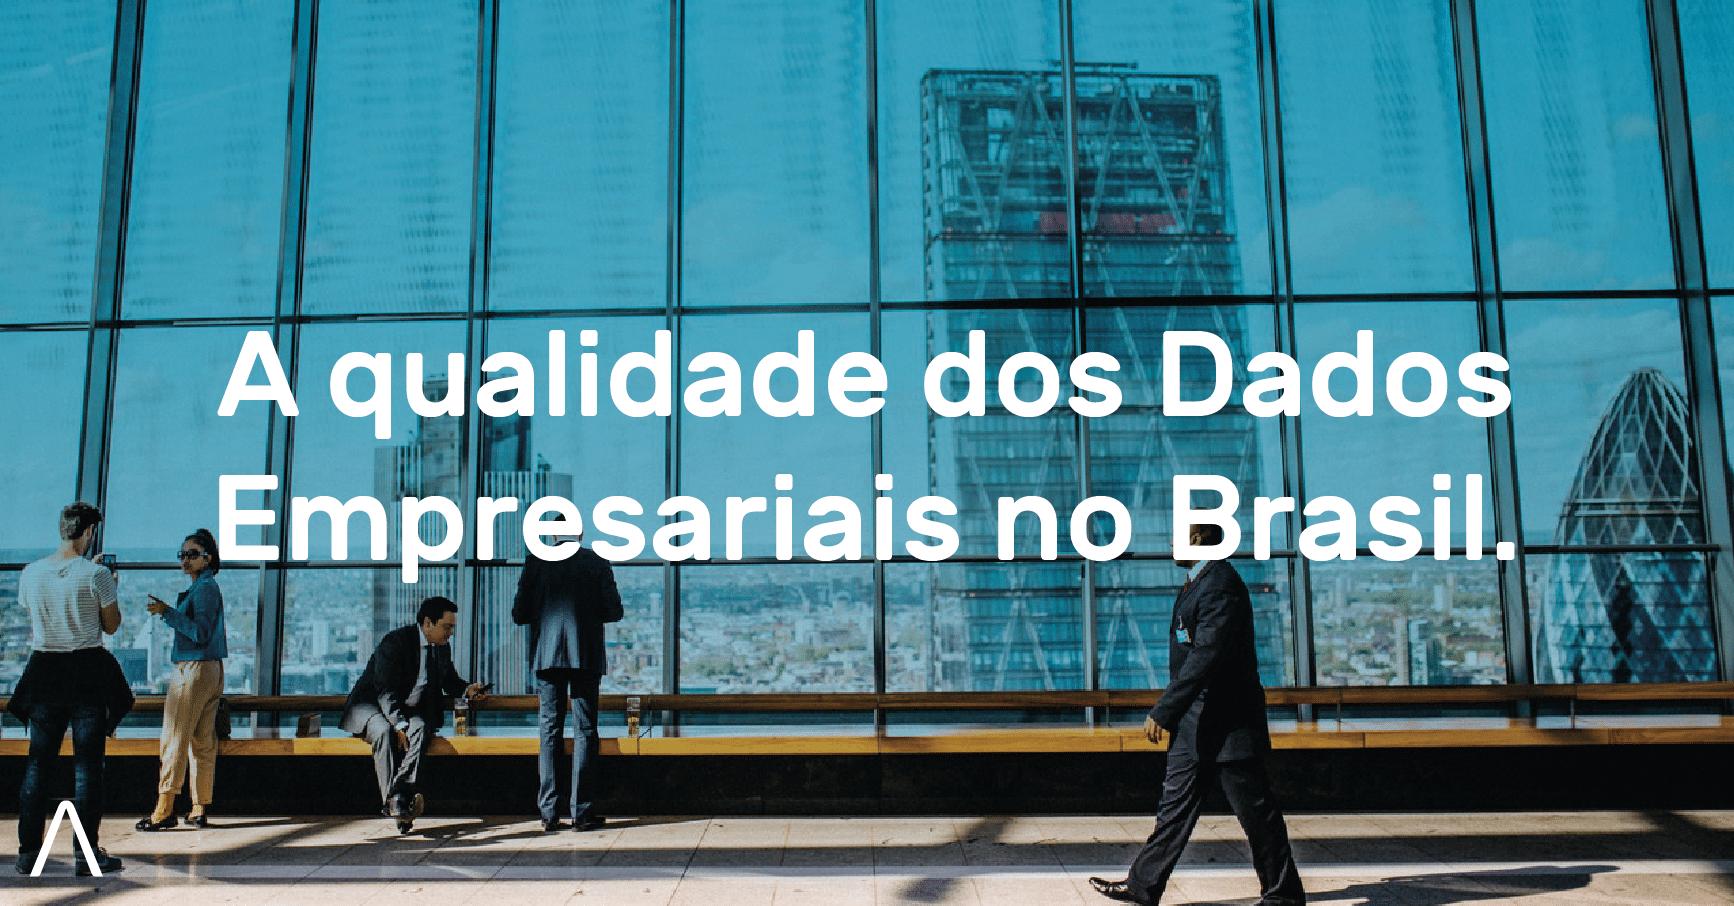 A qualidade dos Dados Empresariais no Brasil.